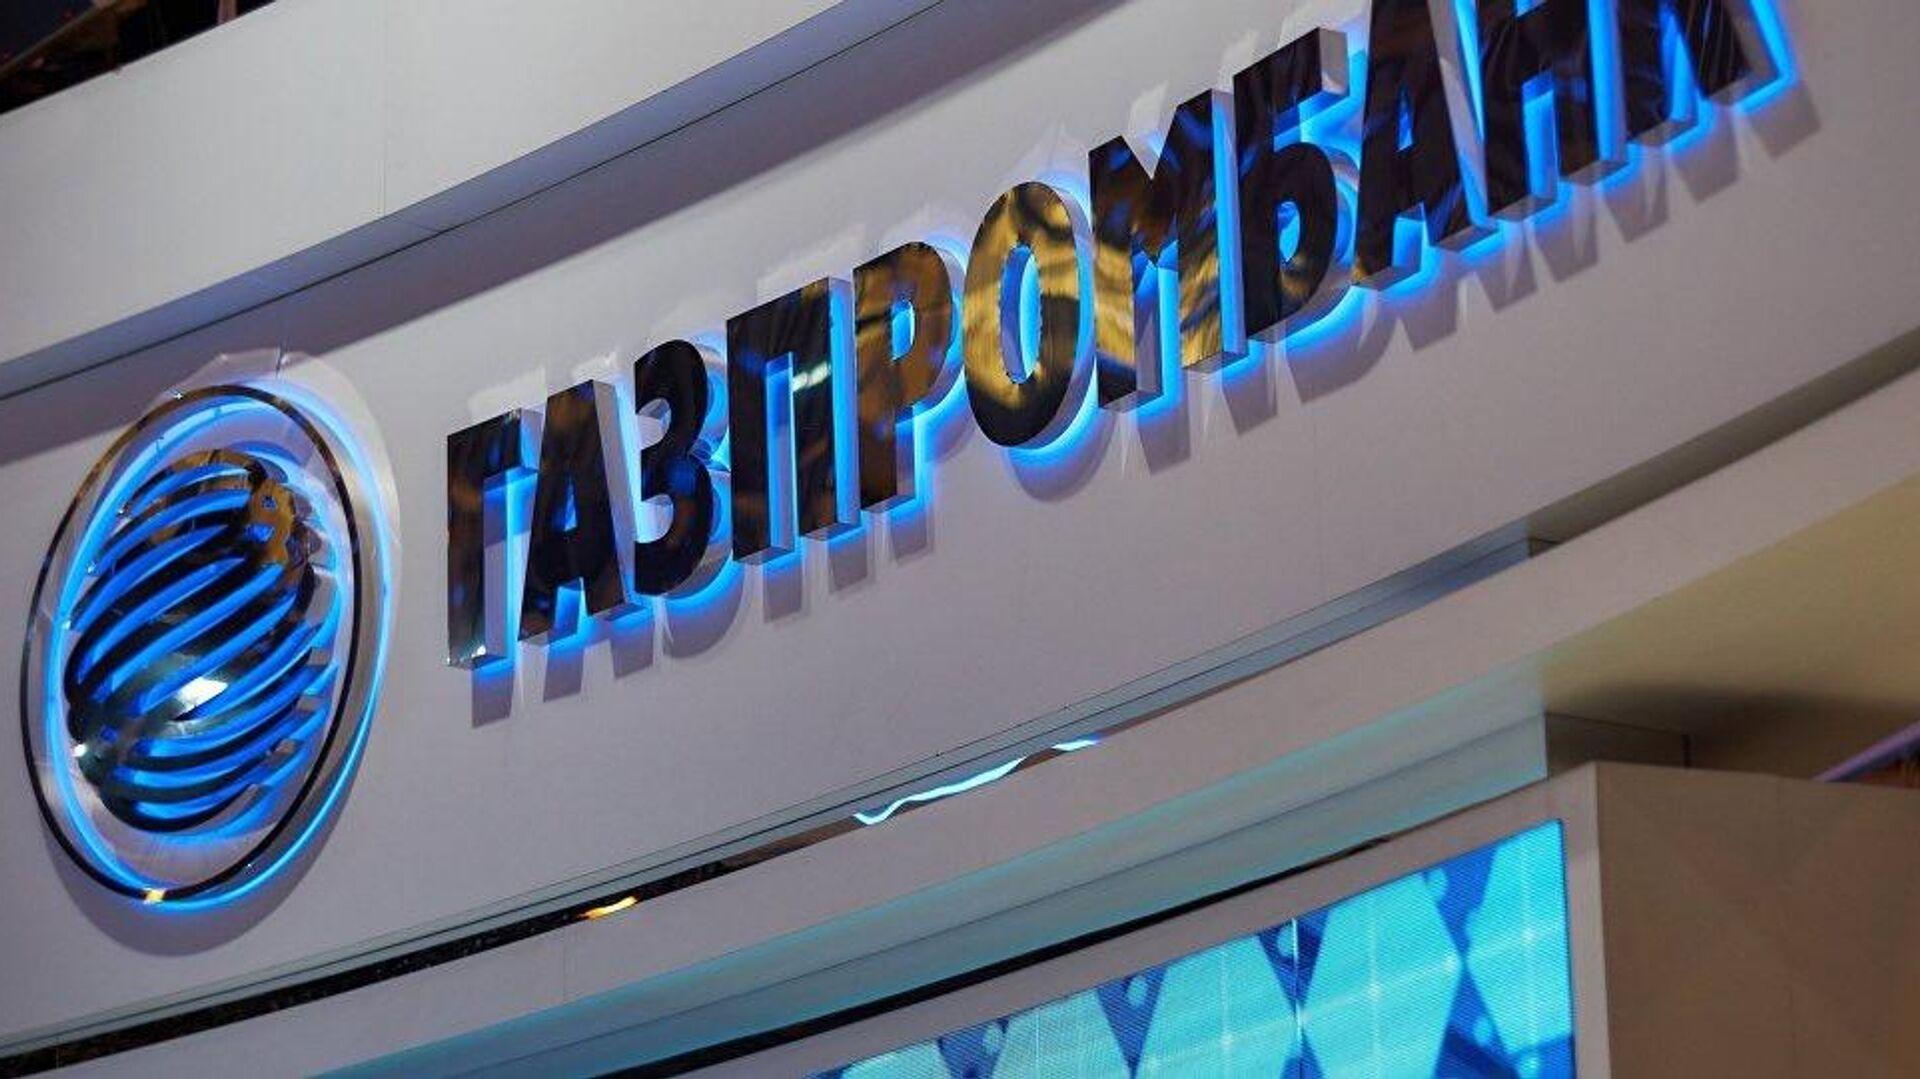 ГТЛК разместила евробонды на $500 млн долларов, спрос превысил $1,6 млрд - РИА Новости, 1920, 29.10.2020